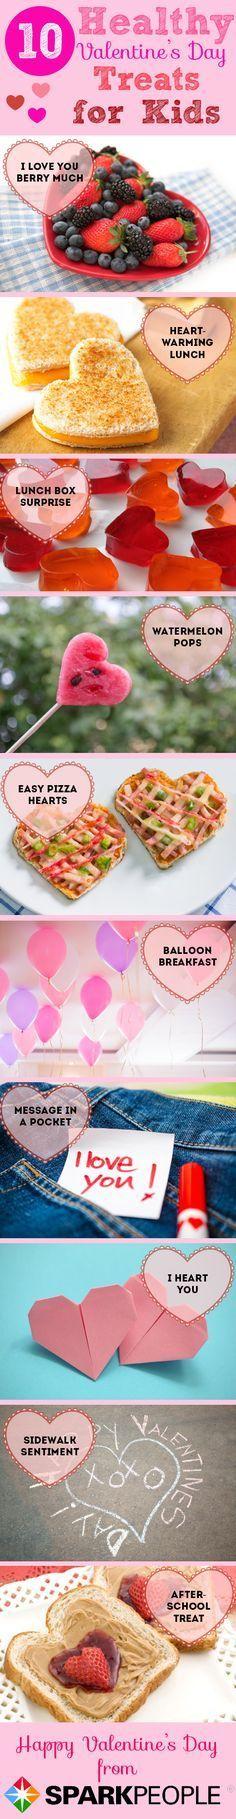 Kid-Friendly Valentine's Day Surprises